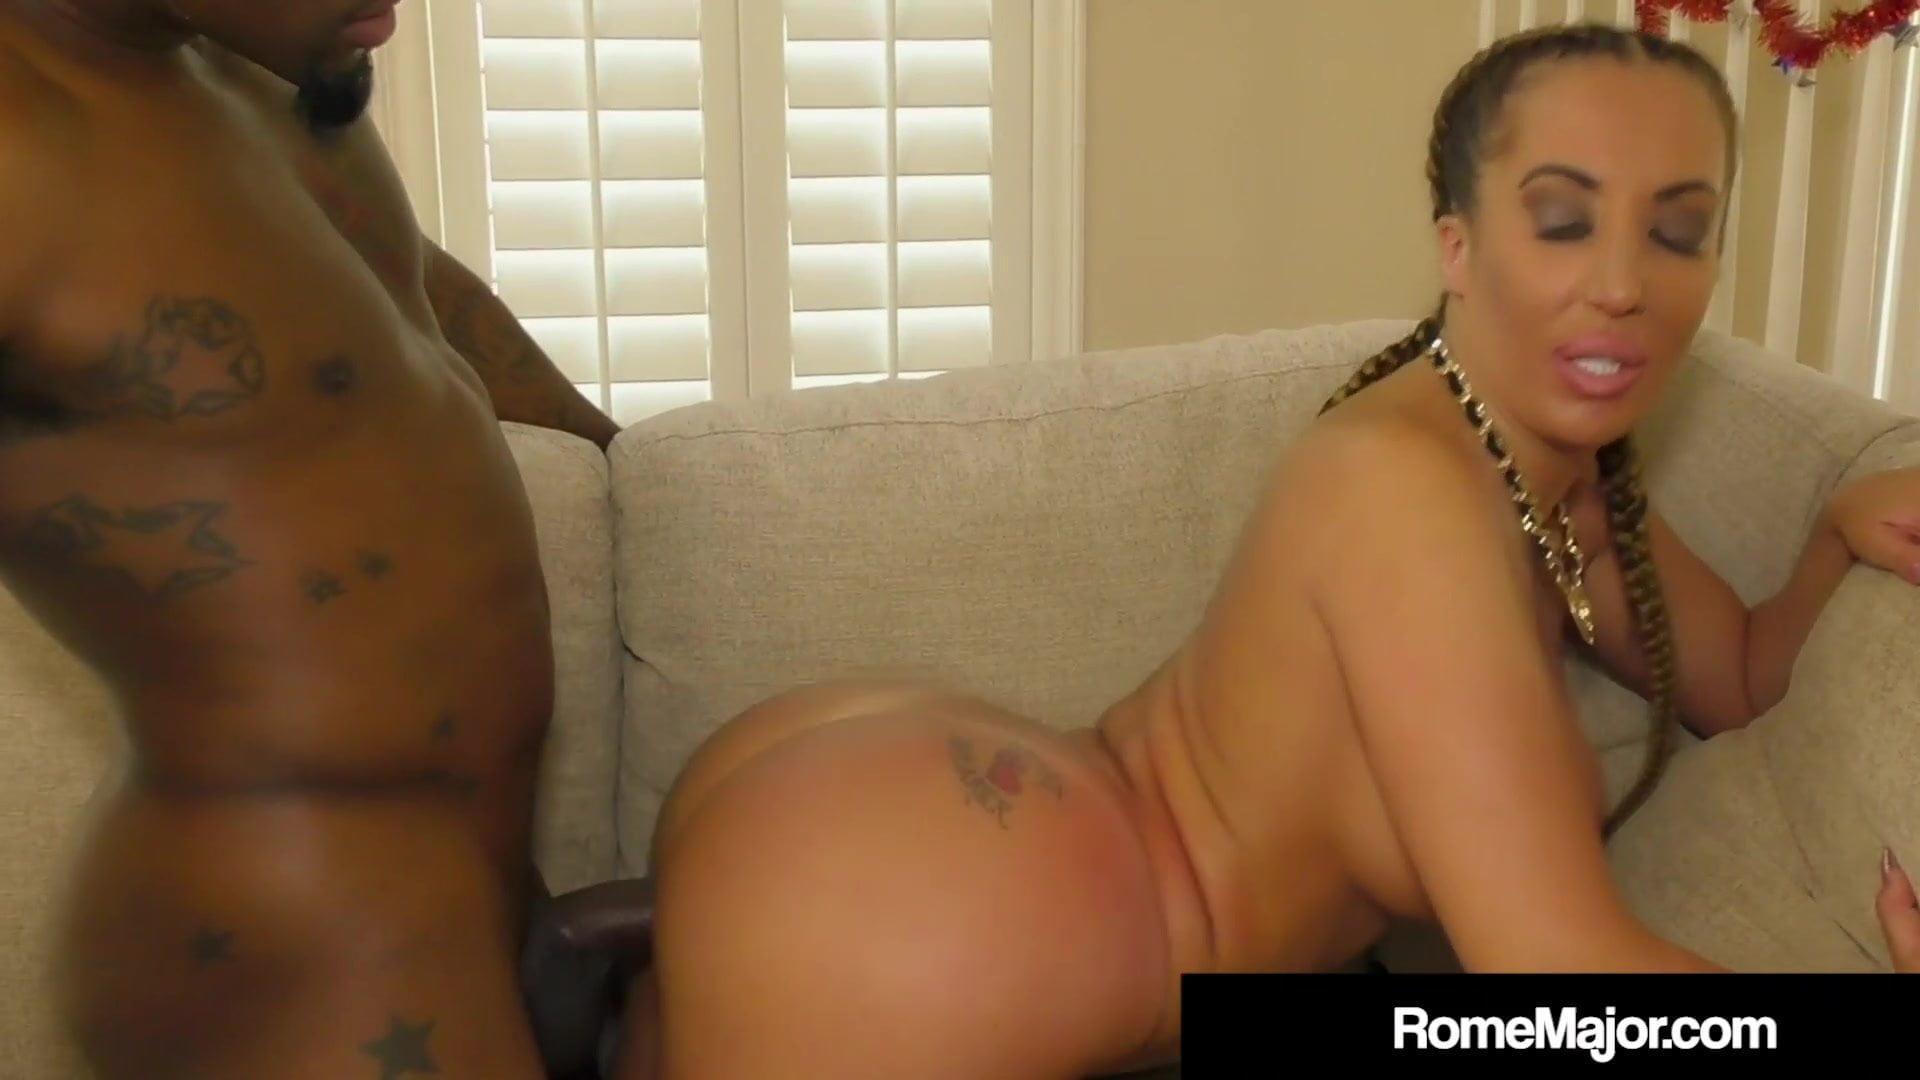 Debby ryan leszbikus pornó